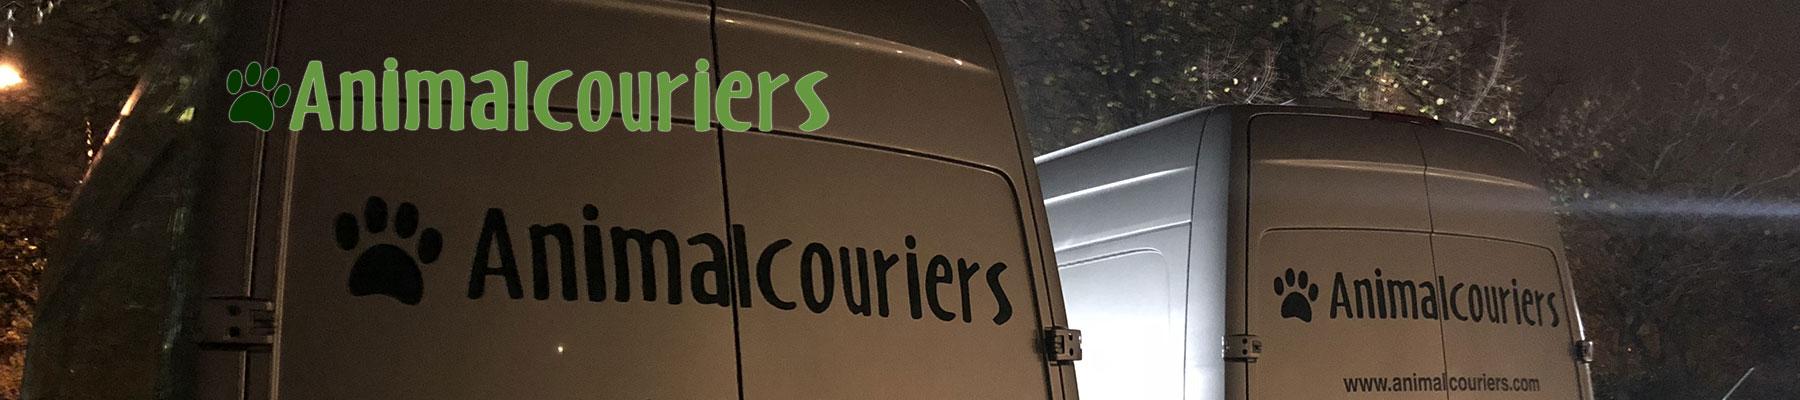 animalcouriers vans